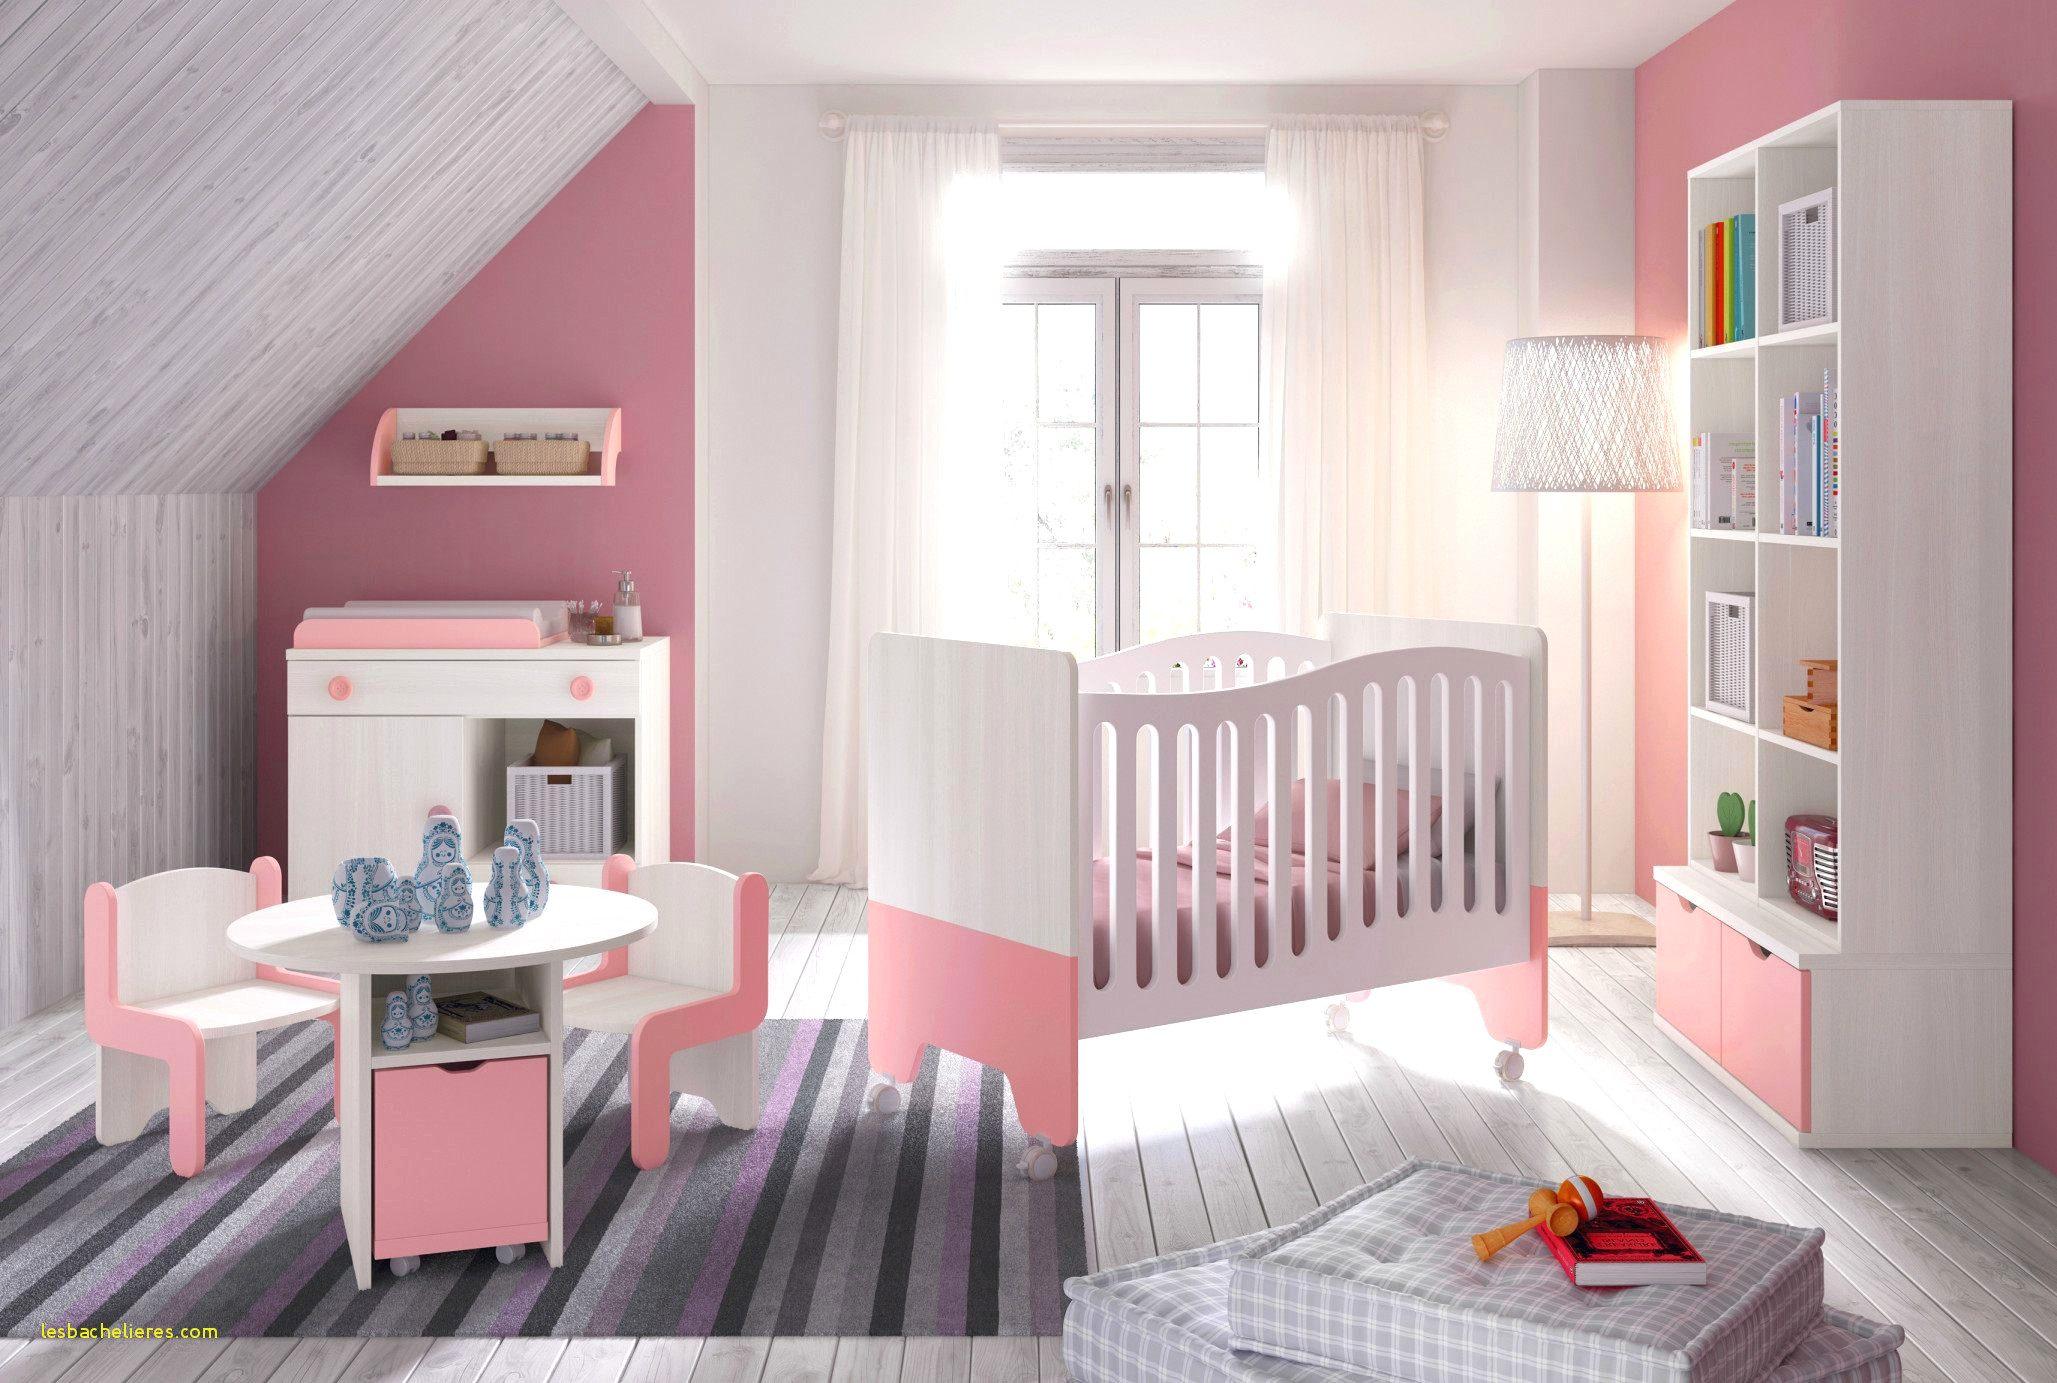 Lit Bébé Pliant En Bois Impressionnant Résultat Supérieur Armoire Bébé Carrefour Luxe Meilleur Lit Bébé